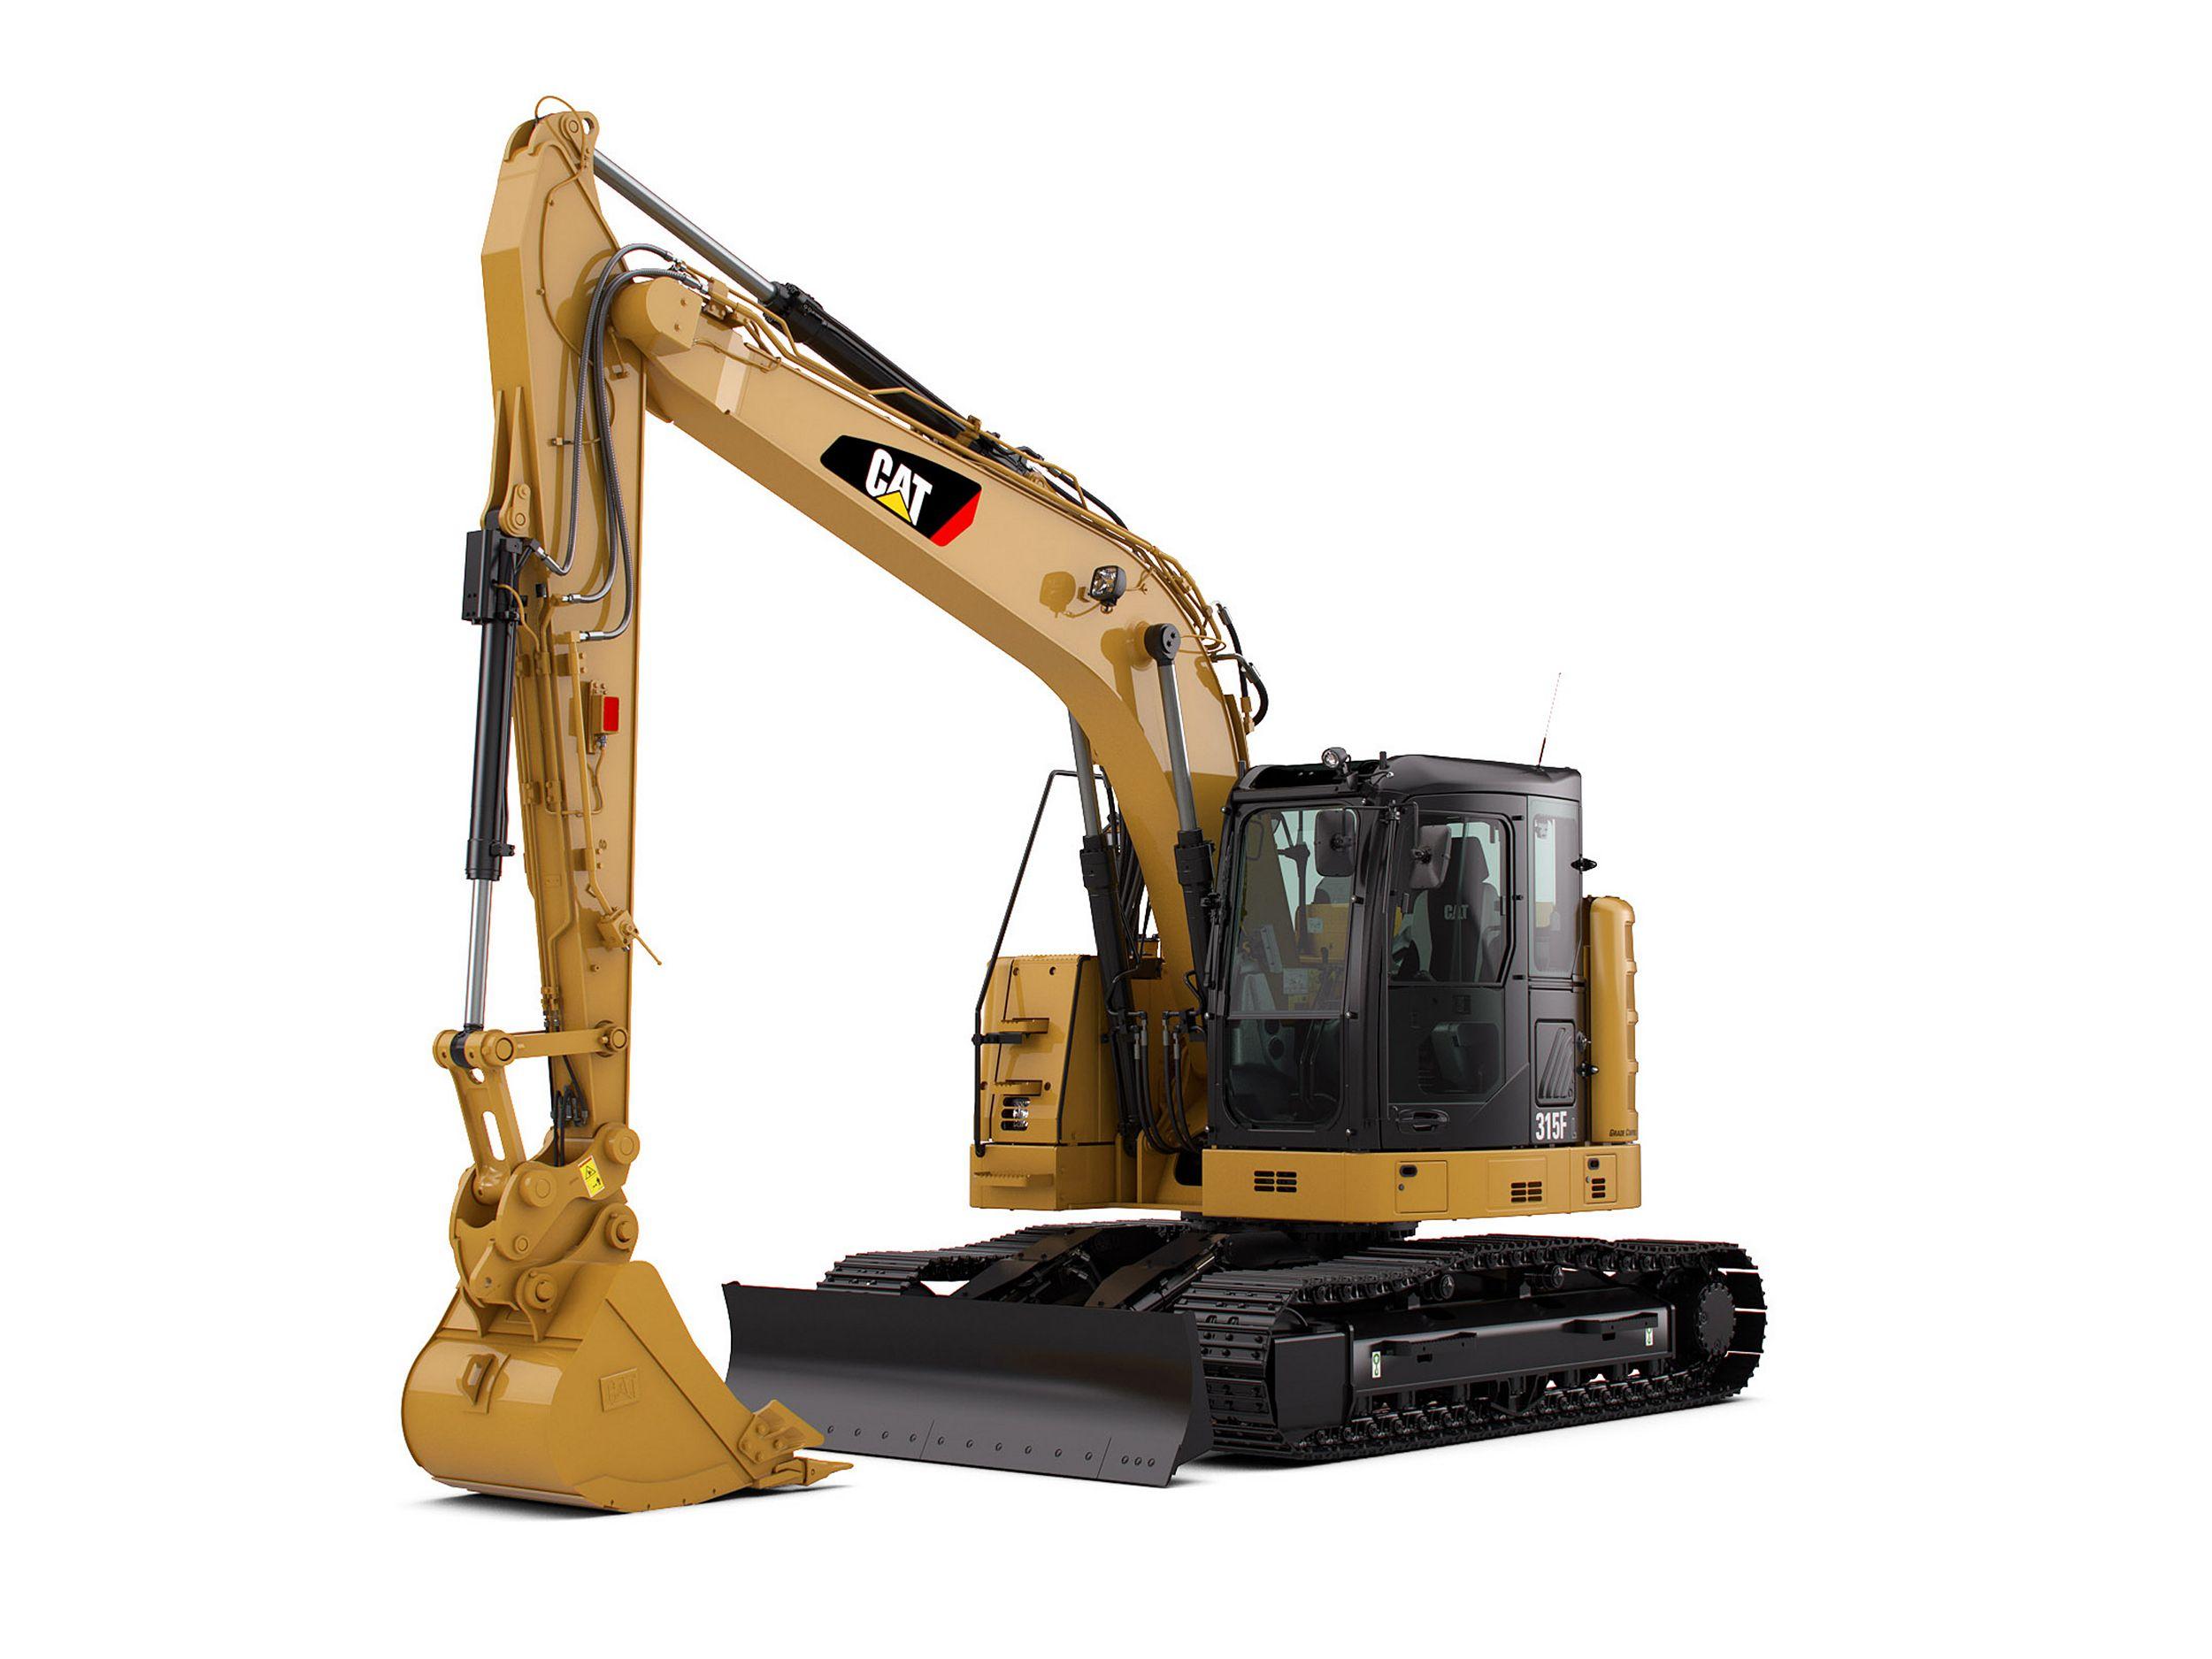 315F L Hydraulic Excavator marketing ready geometry